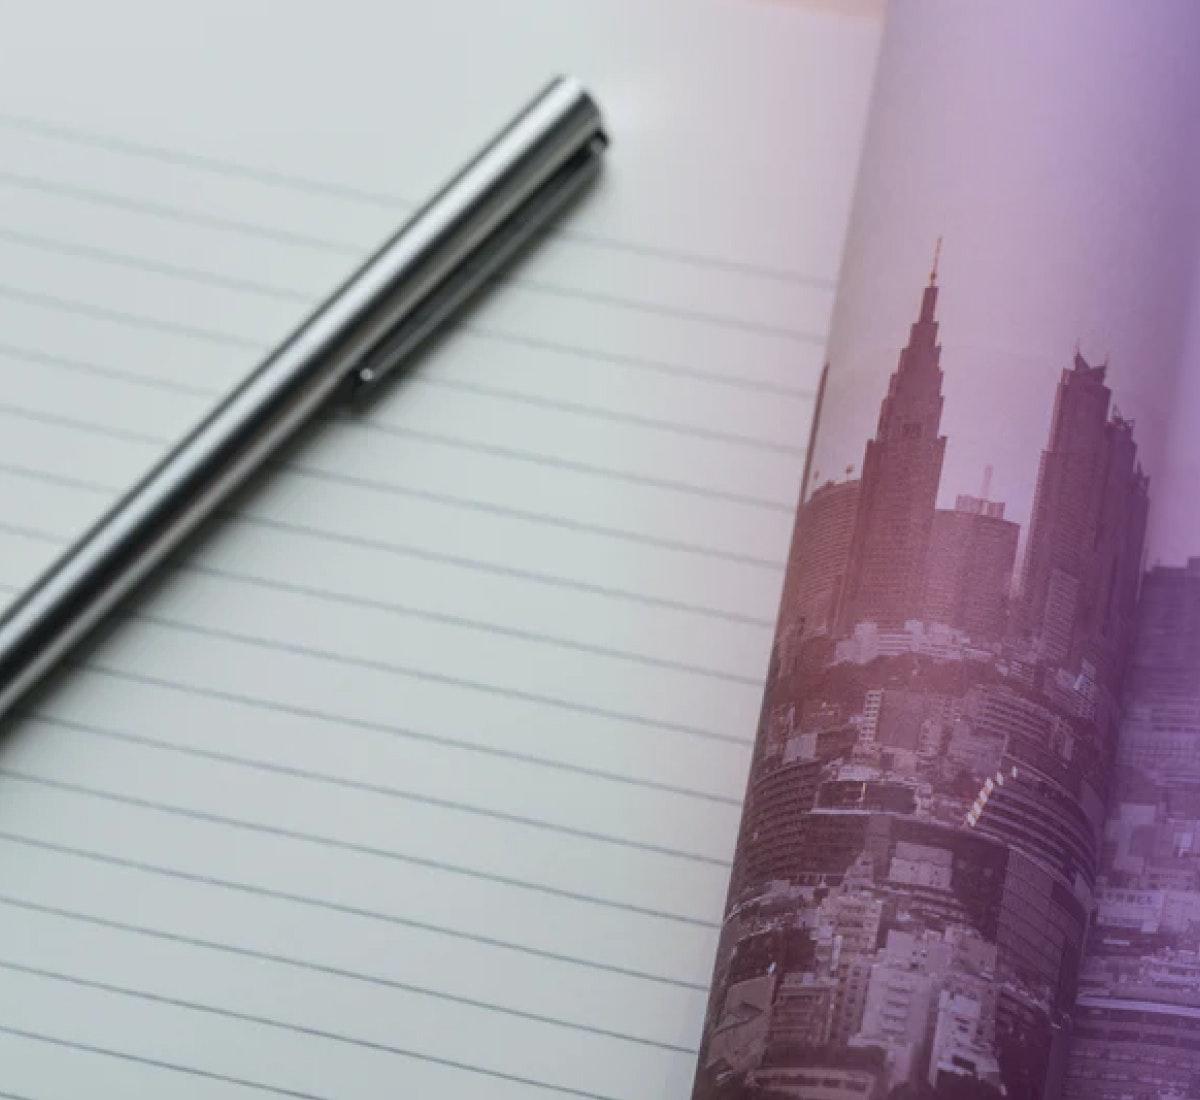 A photograph of a pen on an open notebook